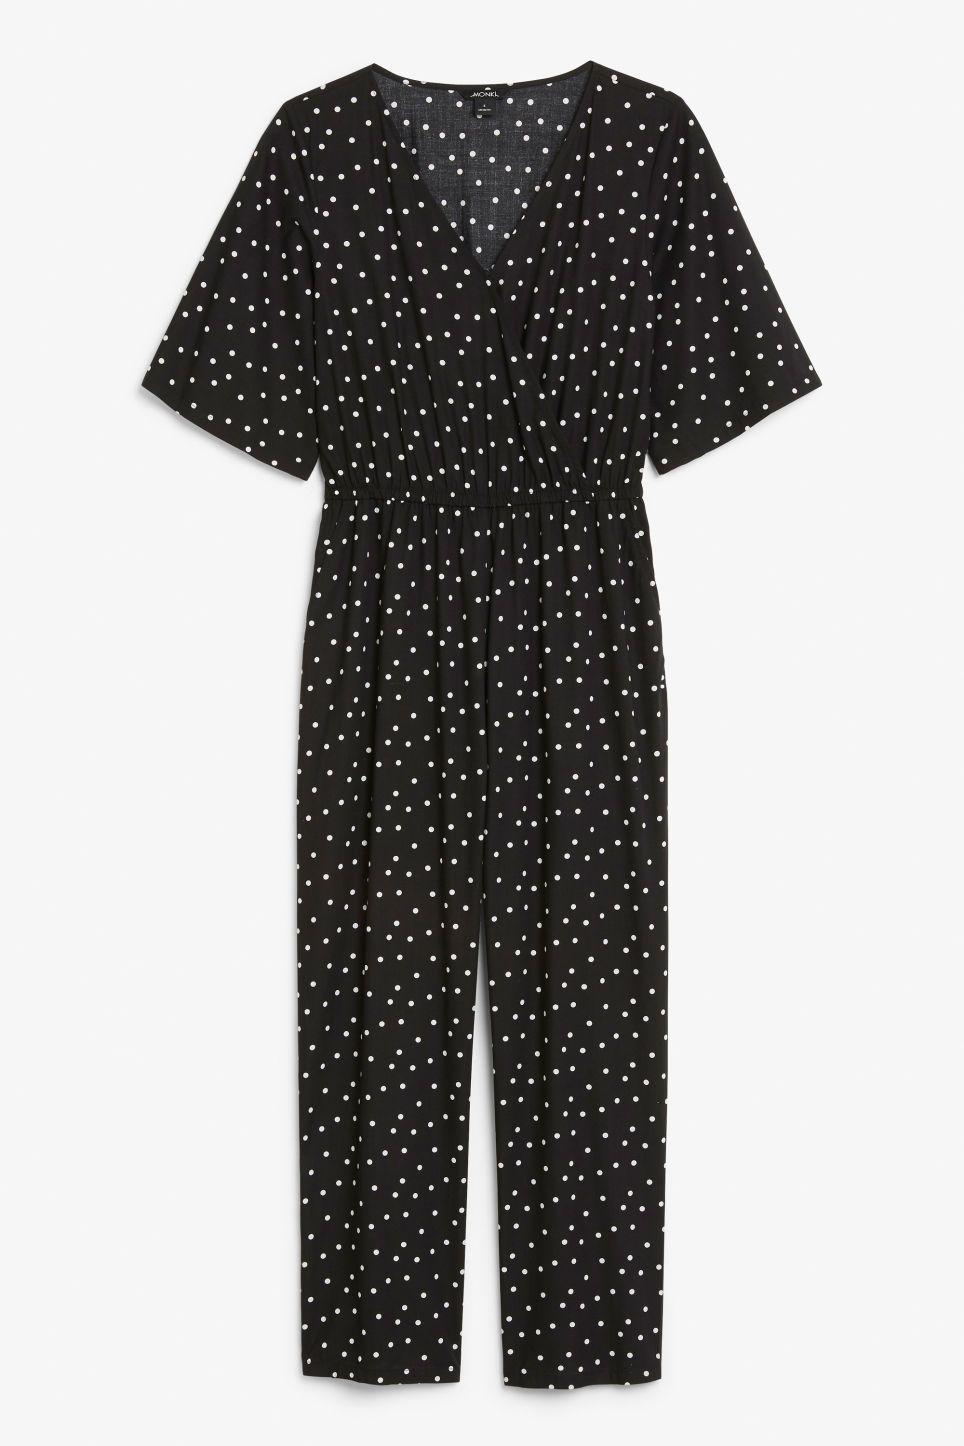 2b6bca01f75 Lightweight jumpsuit - Polka dot black- Jumpsuits - Monki GB